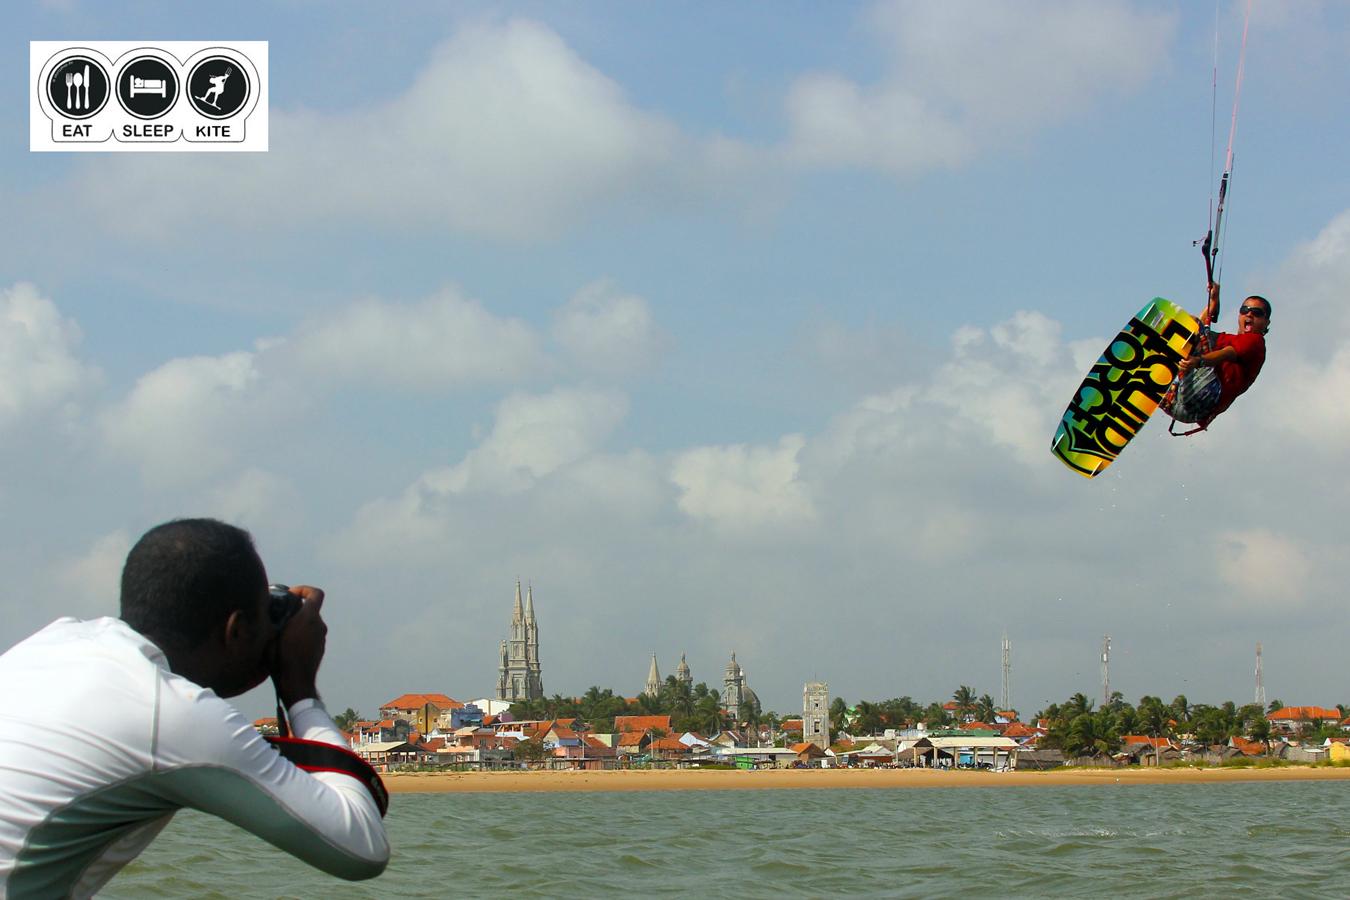 Kitesurfing-spots-India.jpg